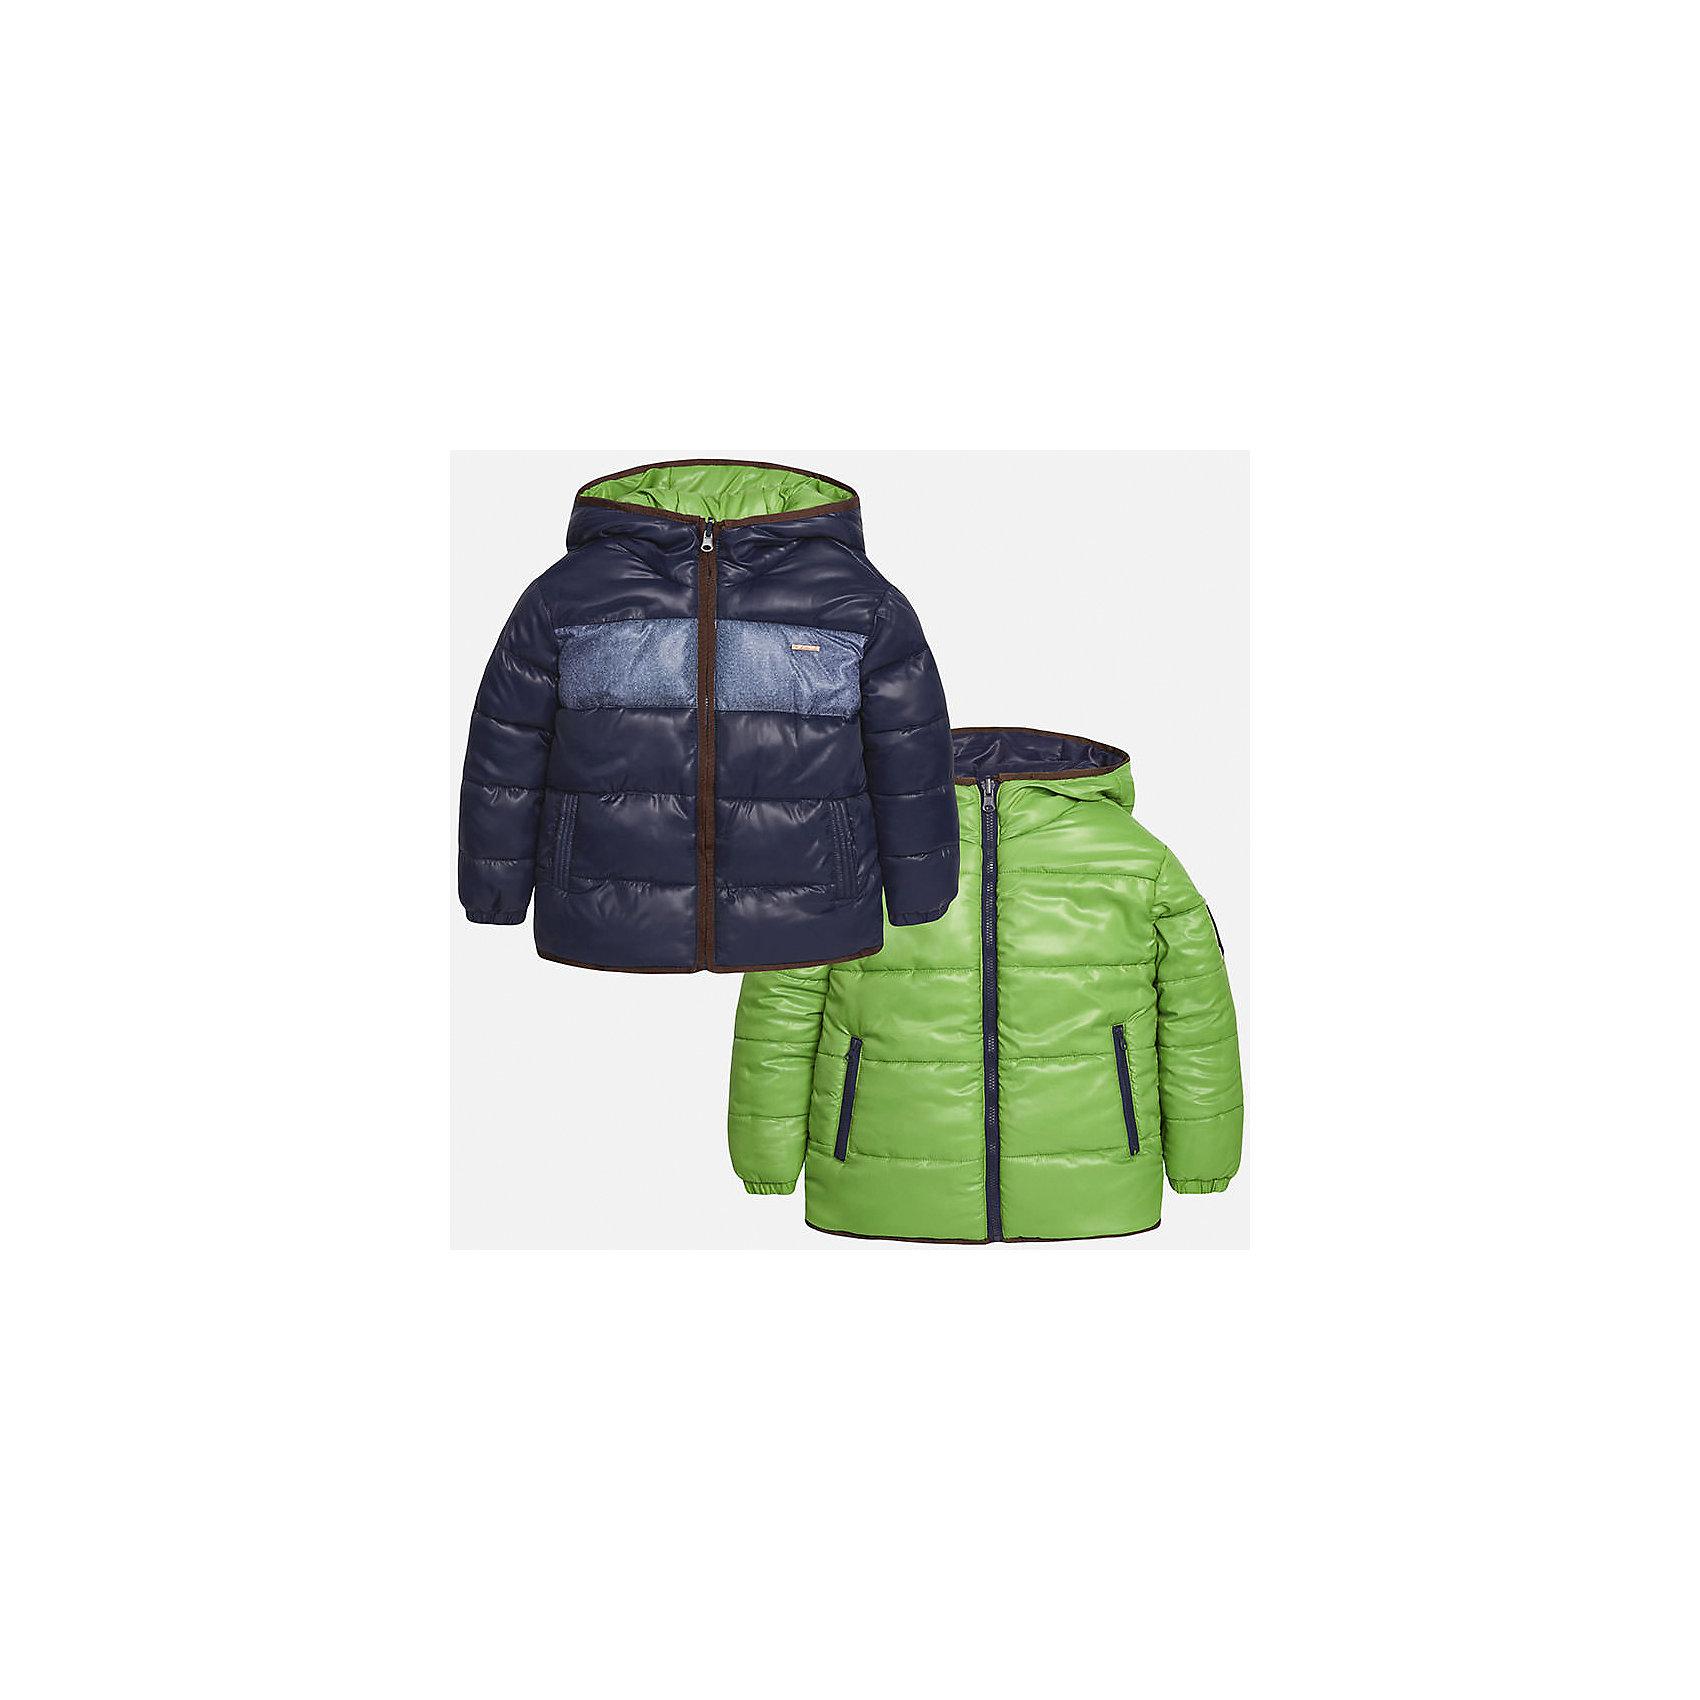 Куртка-трансформер для мальчика MayoralВерхняя одежда<br>Куртка-трансформер для мальчика из коллекции осень-зима 2016-2017 известного испанского бренда Mayoral (Майорал). Стильная и удобная куртка сразу в двух цветах придет по вкусу вашему ребенку. Приятный фисташковый цвет можно сменить на темно-синий с пестрой серой полосой, цвета отлично сочетаются с дизайном куртки. Материал куртки – непромокаемая и непродуваемая плащевая ткань, в качестве утеплителя использован синтепон. Куртка застегивается на молнию, а также имеет 4 кармана (два внутренних, два внешних) и махровую нашивку с дизайном. Эта куртка отлично подойдет к брюкам, а также к джинсам или штанам спортивного стиля.<br><br>Дополнительная информация:<br><br>- Рукав: длинный<br>- Силуэт: прямой<br>- Утеплитель: синтепон<br>Состав: полиэстер 100%<br>Куртку-трансформер для мальчиков Mayoral (Майорал) можно купить в нашем интернет-магазине.<br><br>Подробнее:<br>• Для детей в возрасте: от 10 до 16 лет<br>• Номер товара: 4827156<br>Страна производитель: Китай<br><br>Ширина мм: 356<br>Глубина мм: 10<br>Высота мм: 245<br>Вес г: 519<br>Цвет: зеленый<br>Возраст от месяцев: 108<br>Возраст до месяцев: 120<br>Пол: Мужской<br>Возраст: Детский<br>Размер: 140/146,158/164,164/170,128/134,152/158,146/152<br>SKU: 4827155